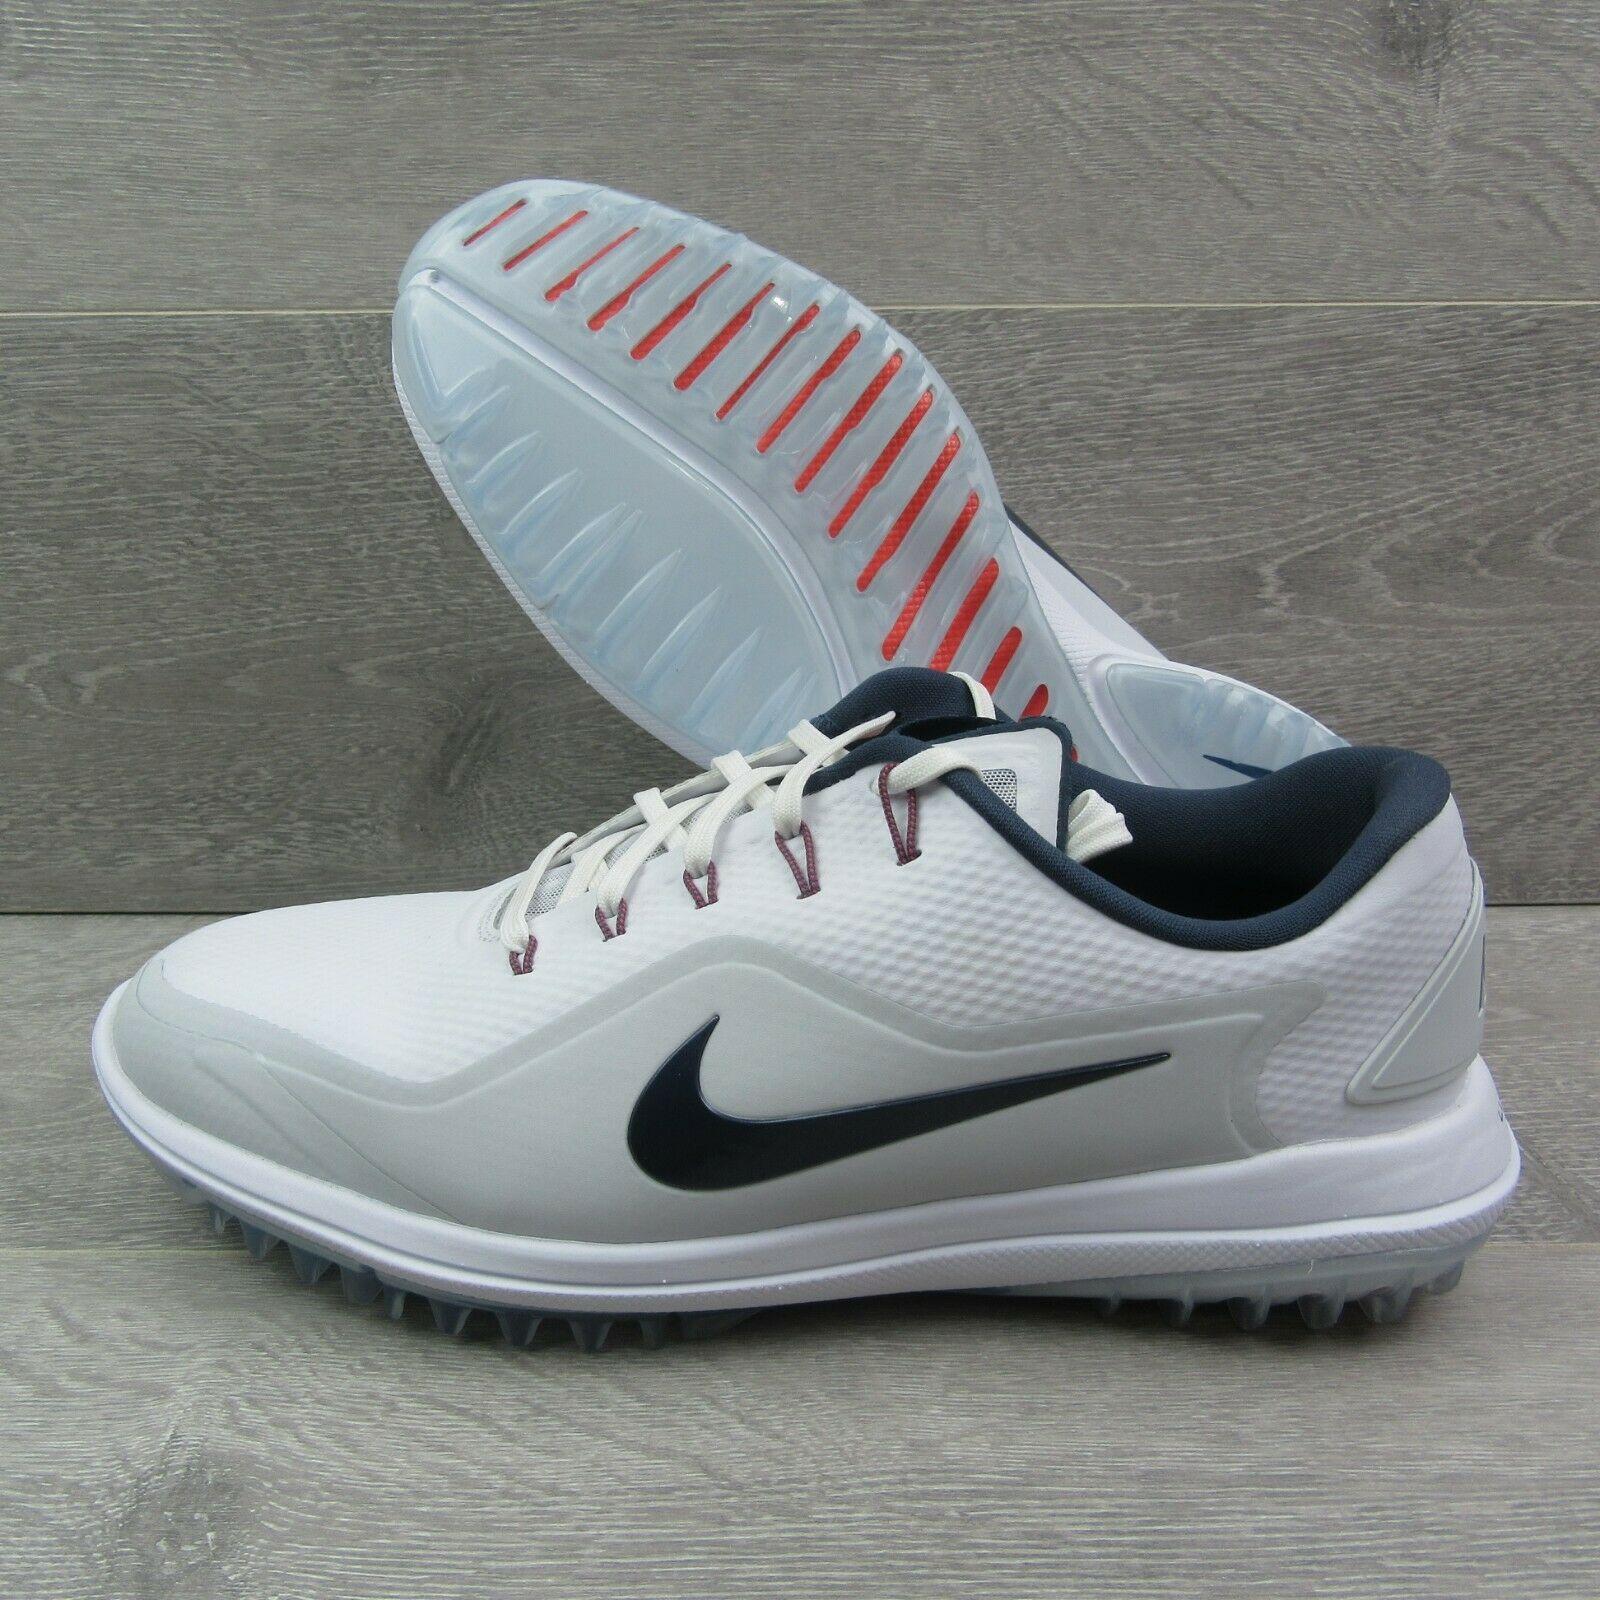 reputable site e5dd1 c3e70 nike-lunar-control-vapor-2-golf-shoes-size-